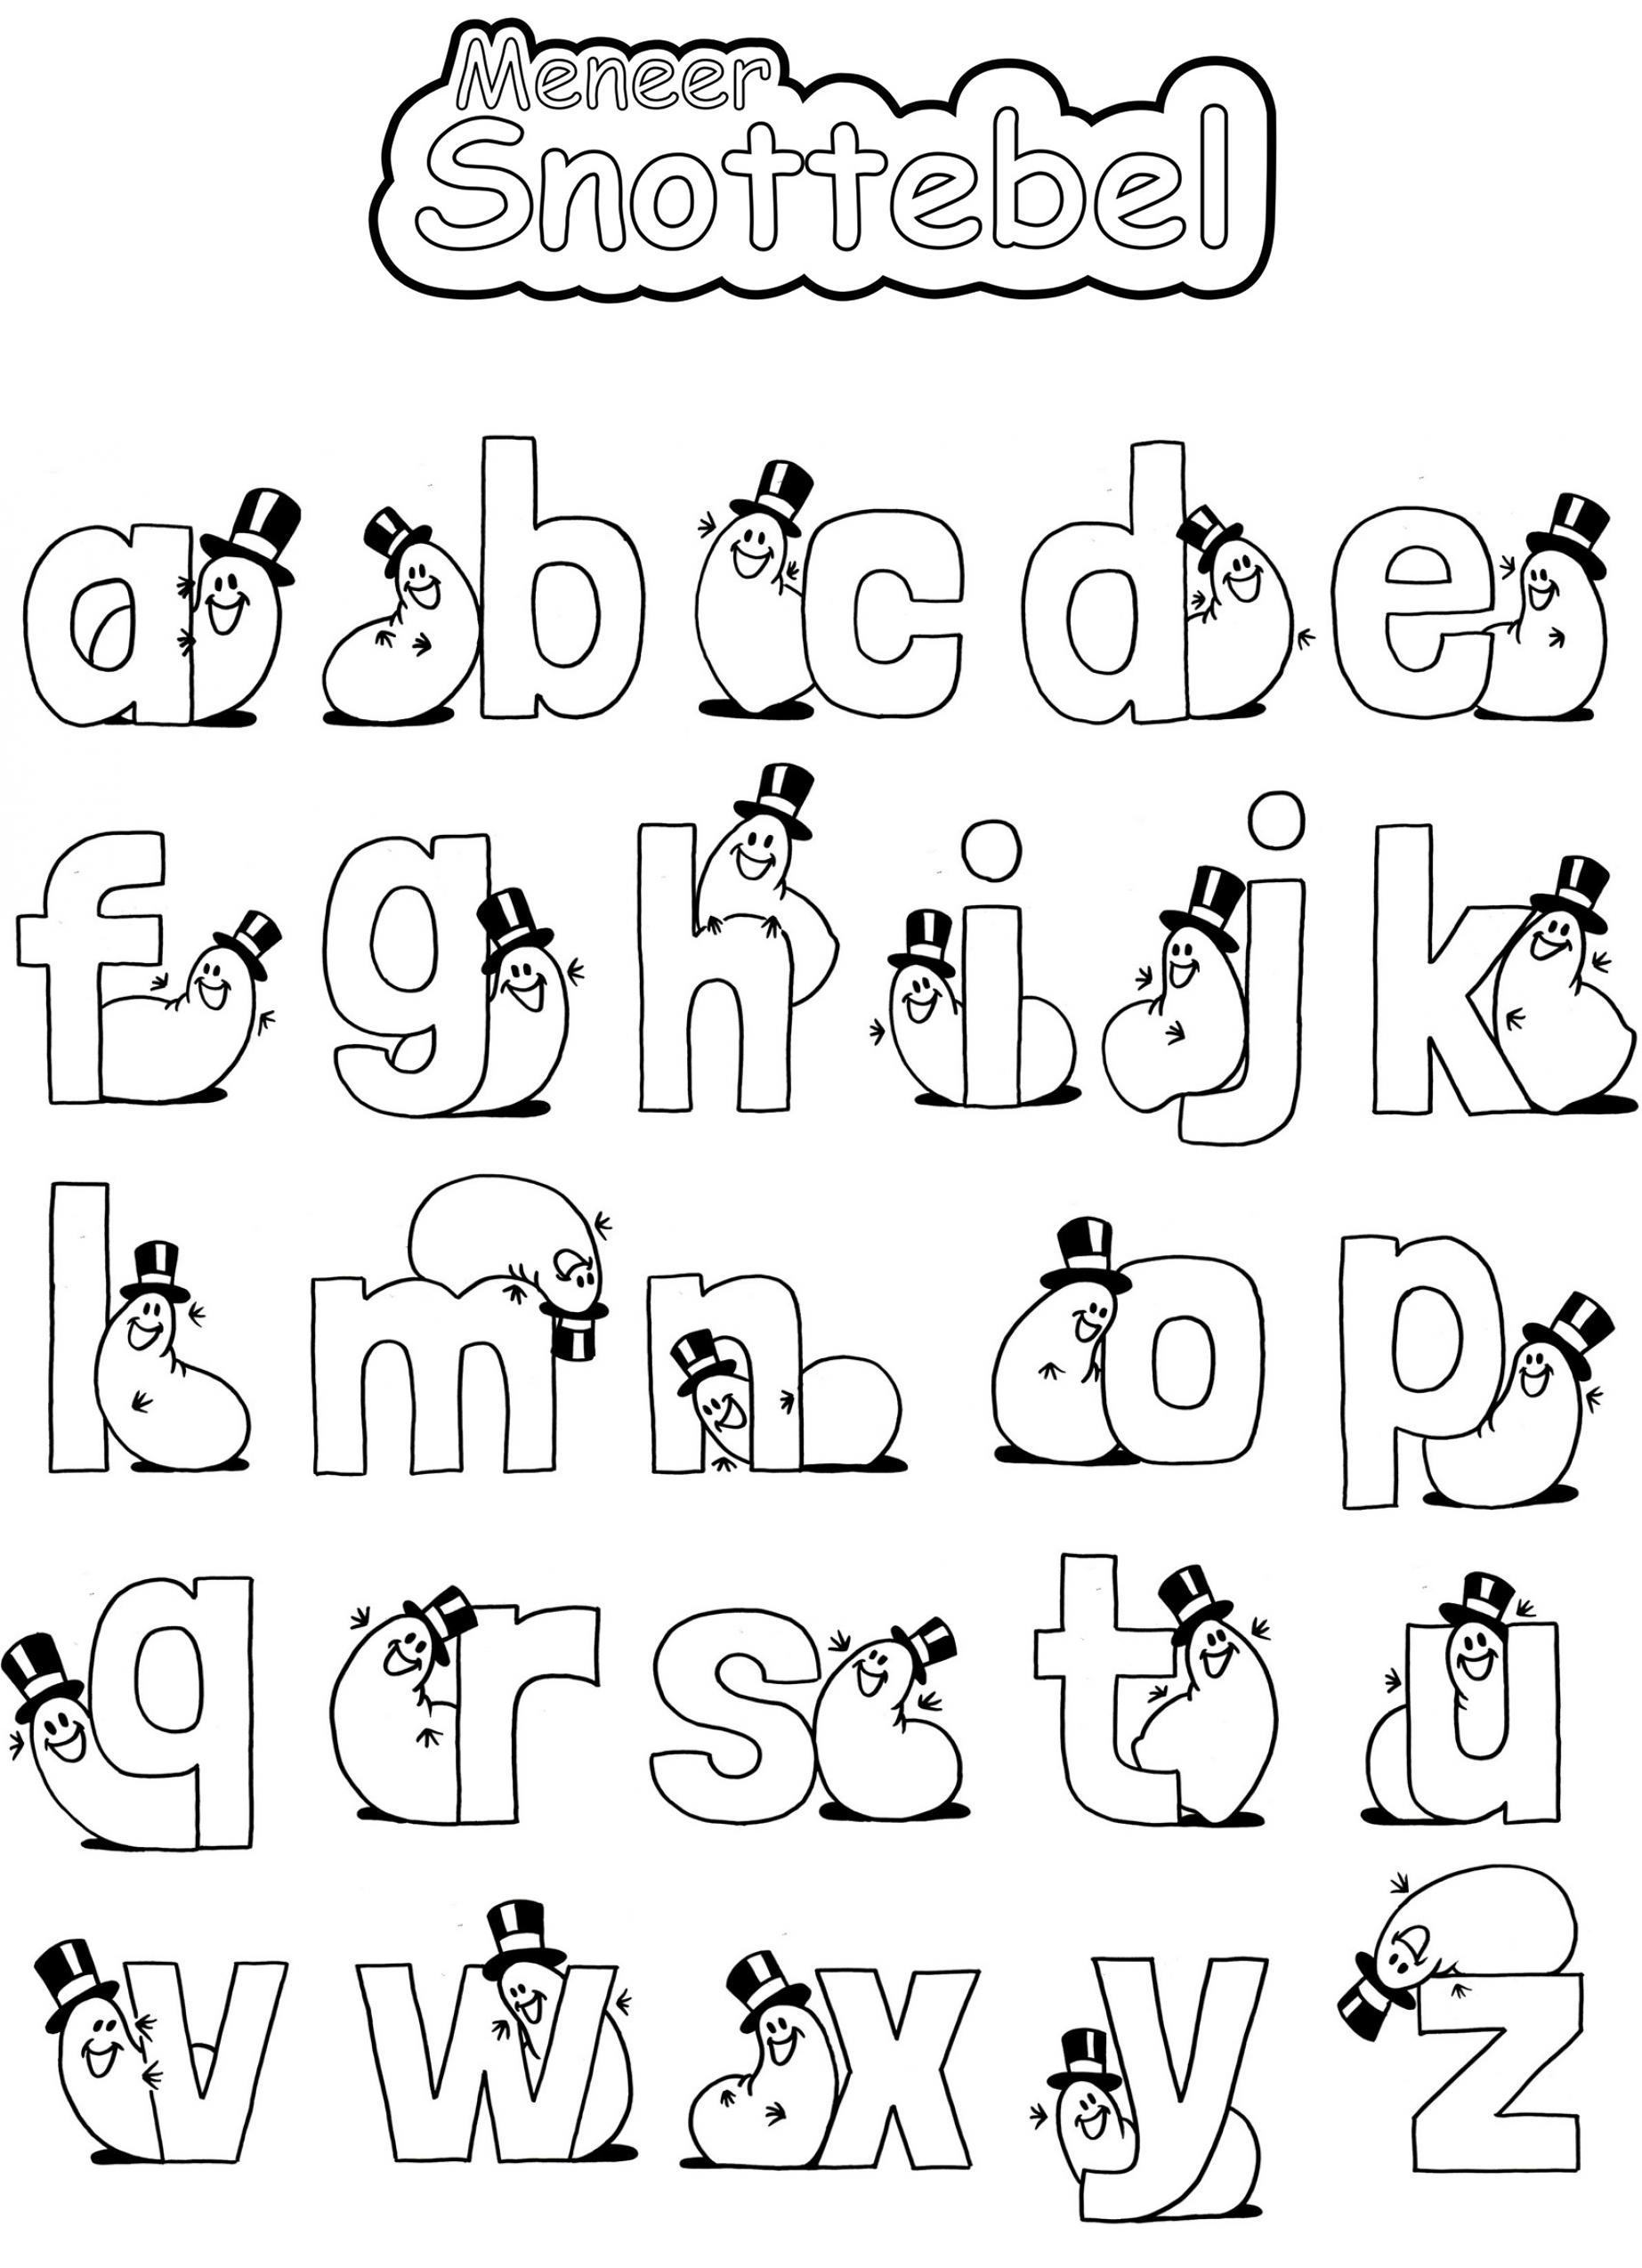 Alfabet - Meneer Snottebel